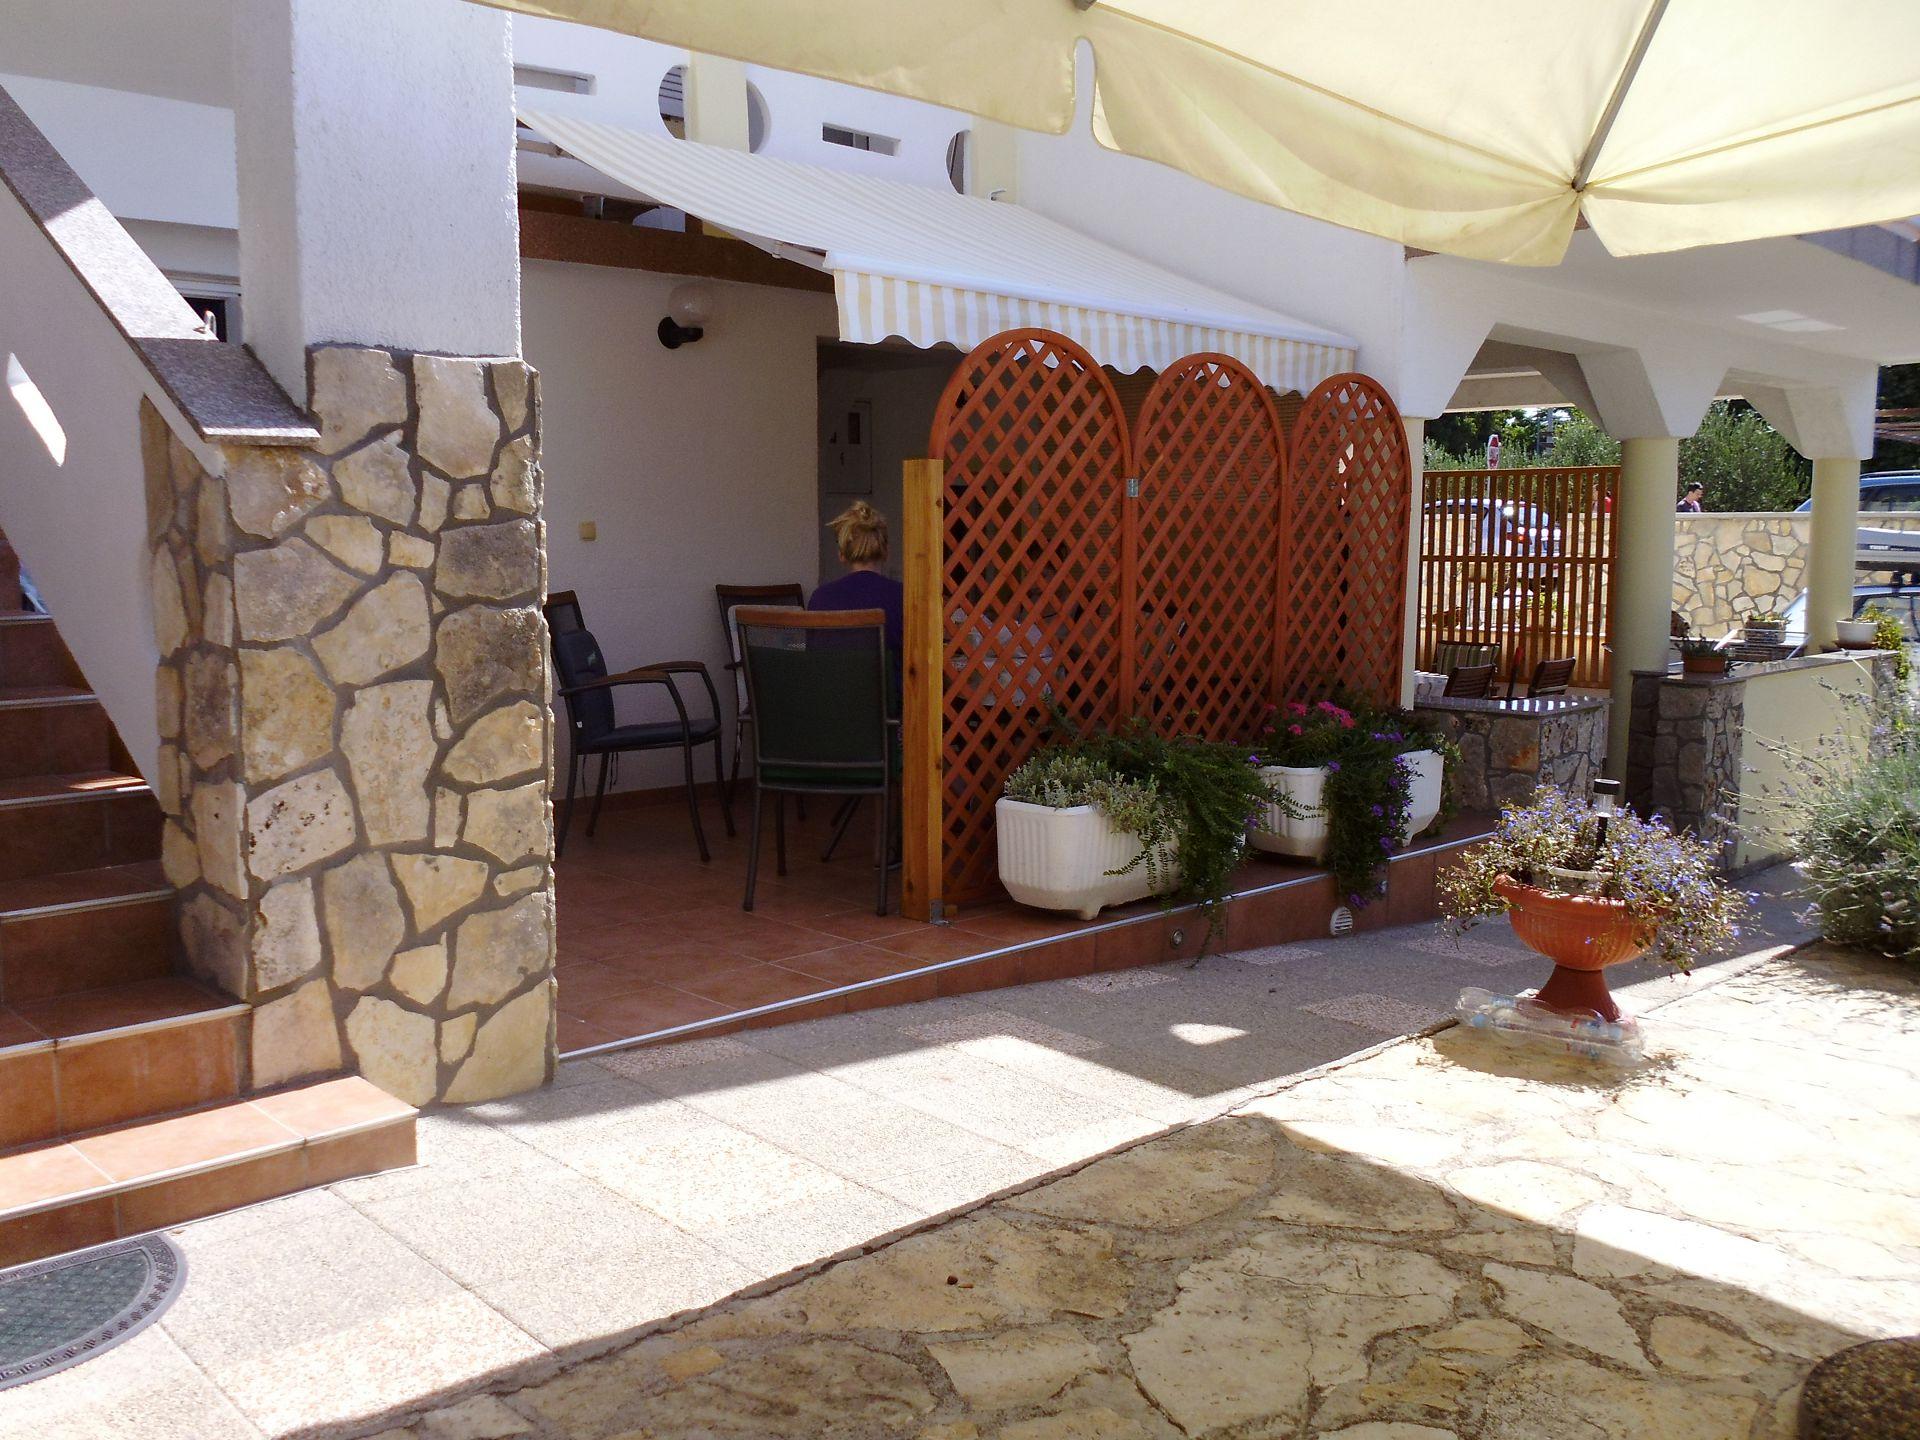 A00106PIRO - Pirovac - Ferienwohnungen Kroatien - SA3(2): Terasse